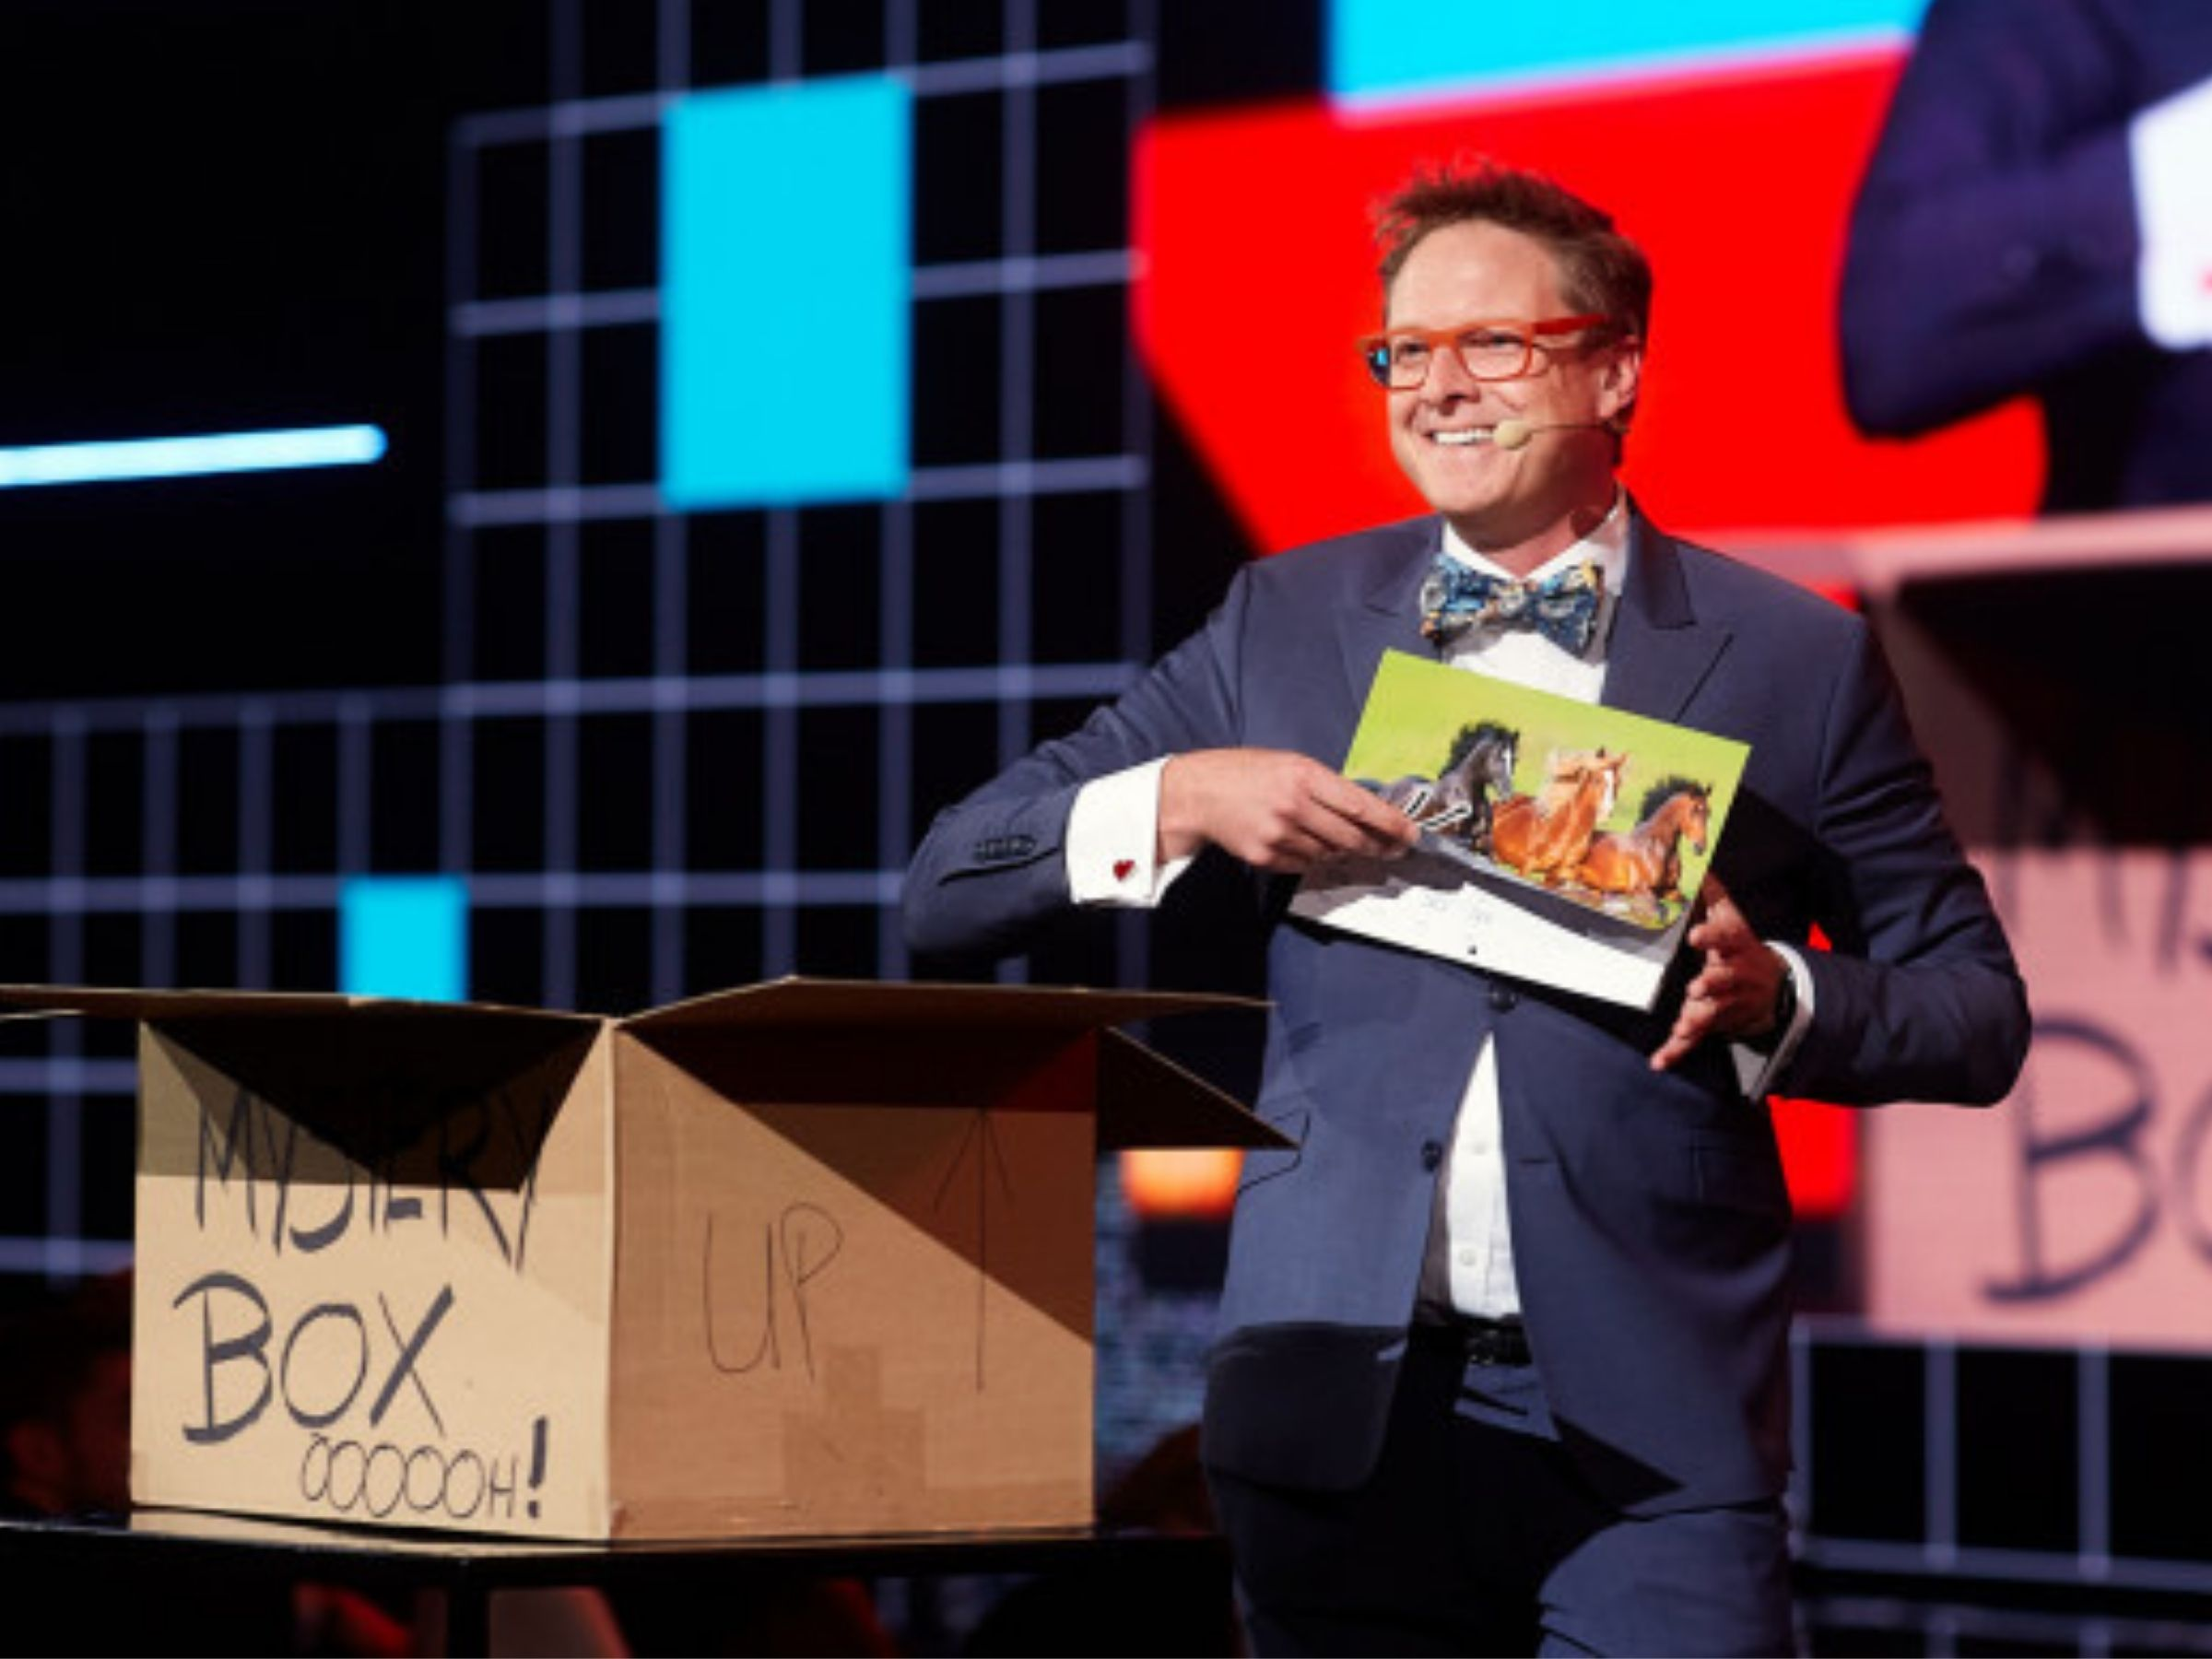 Keynote Speaker Andrew Davis speaking in Poland